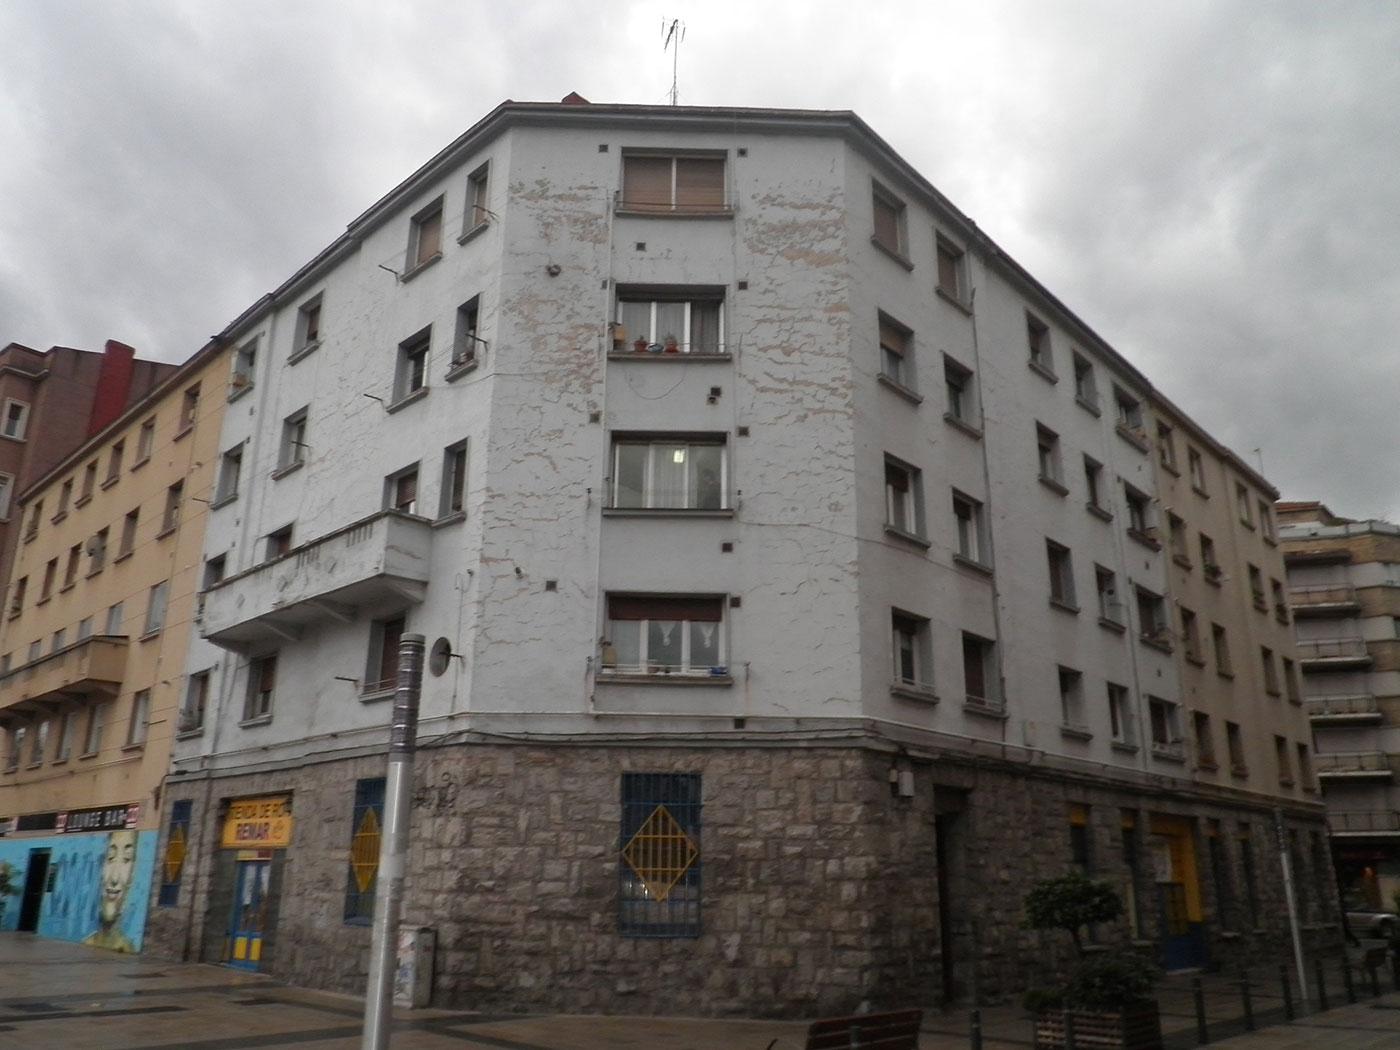 Reforma fachada exterior vitoria gasteiz alava antes